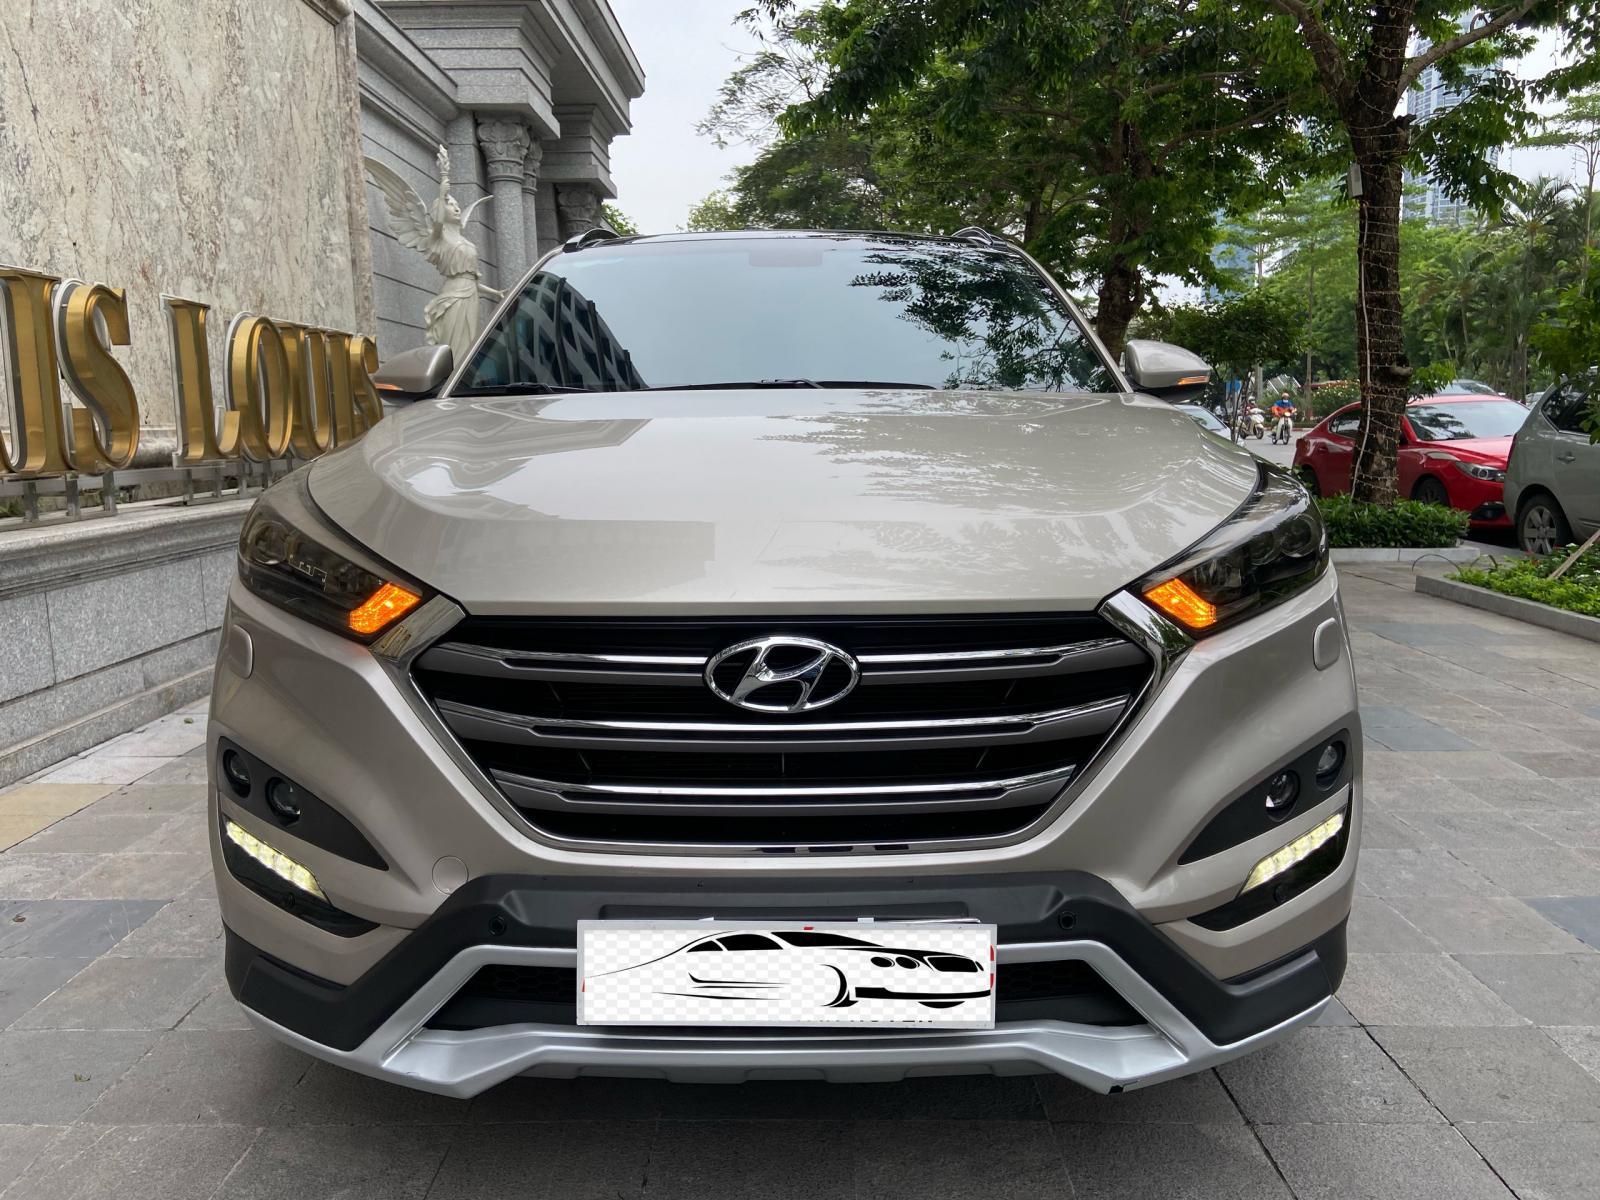 Bán Hyundai Tucson 2.0ATH sản xuất 2019 mới nhất Việt Nam